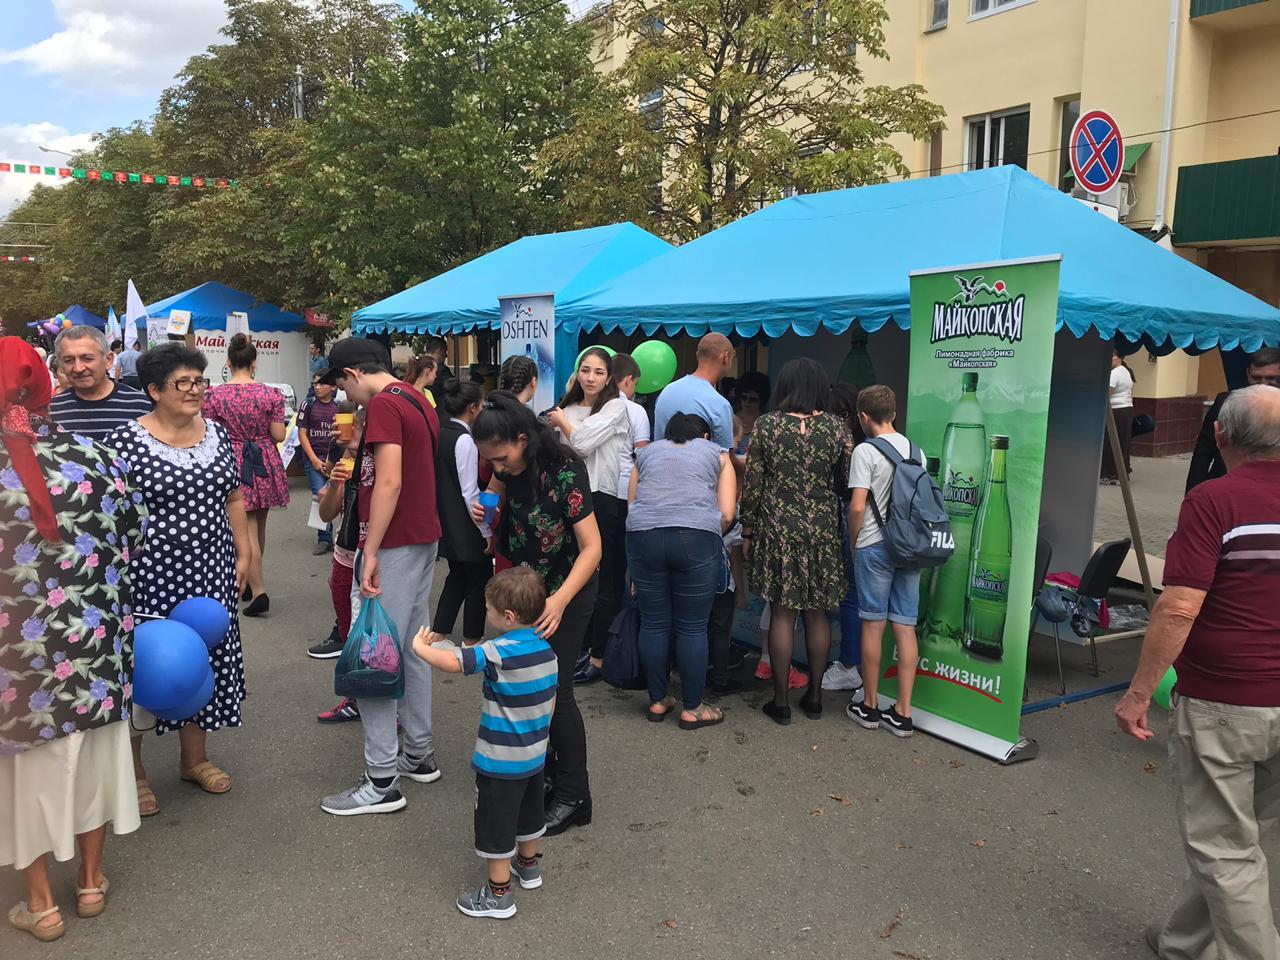 «Майкопская» угощает своей продукцией на Дне города Майкопа